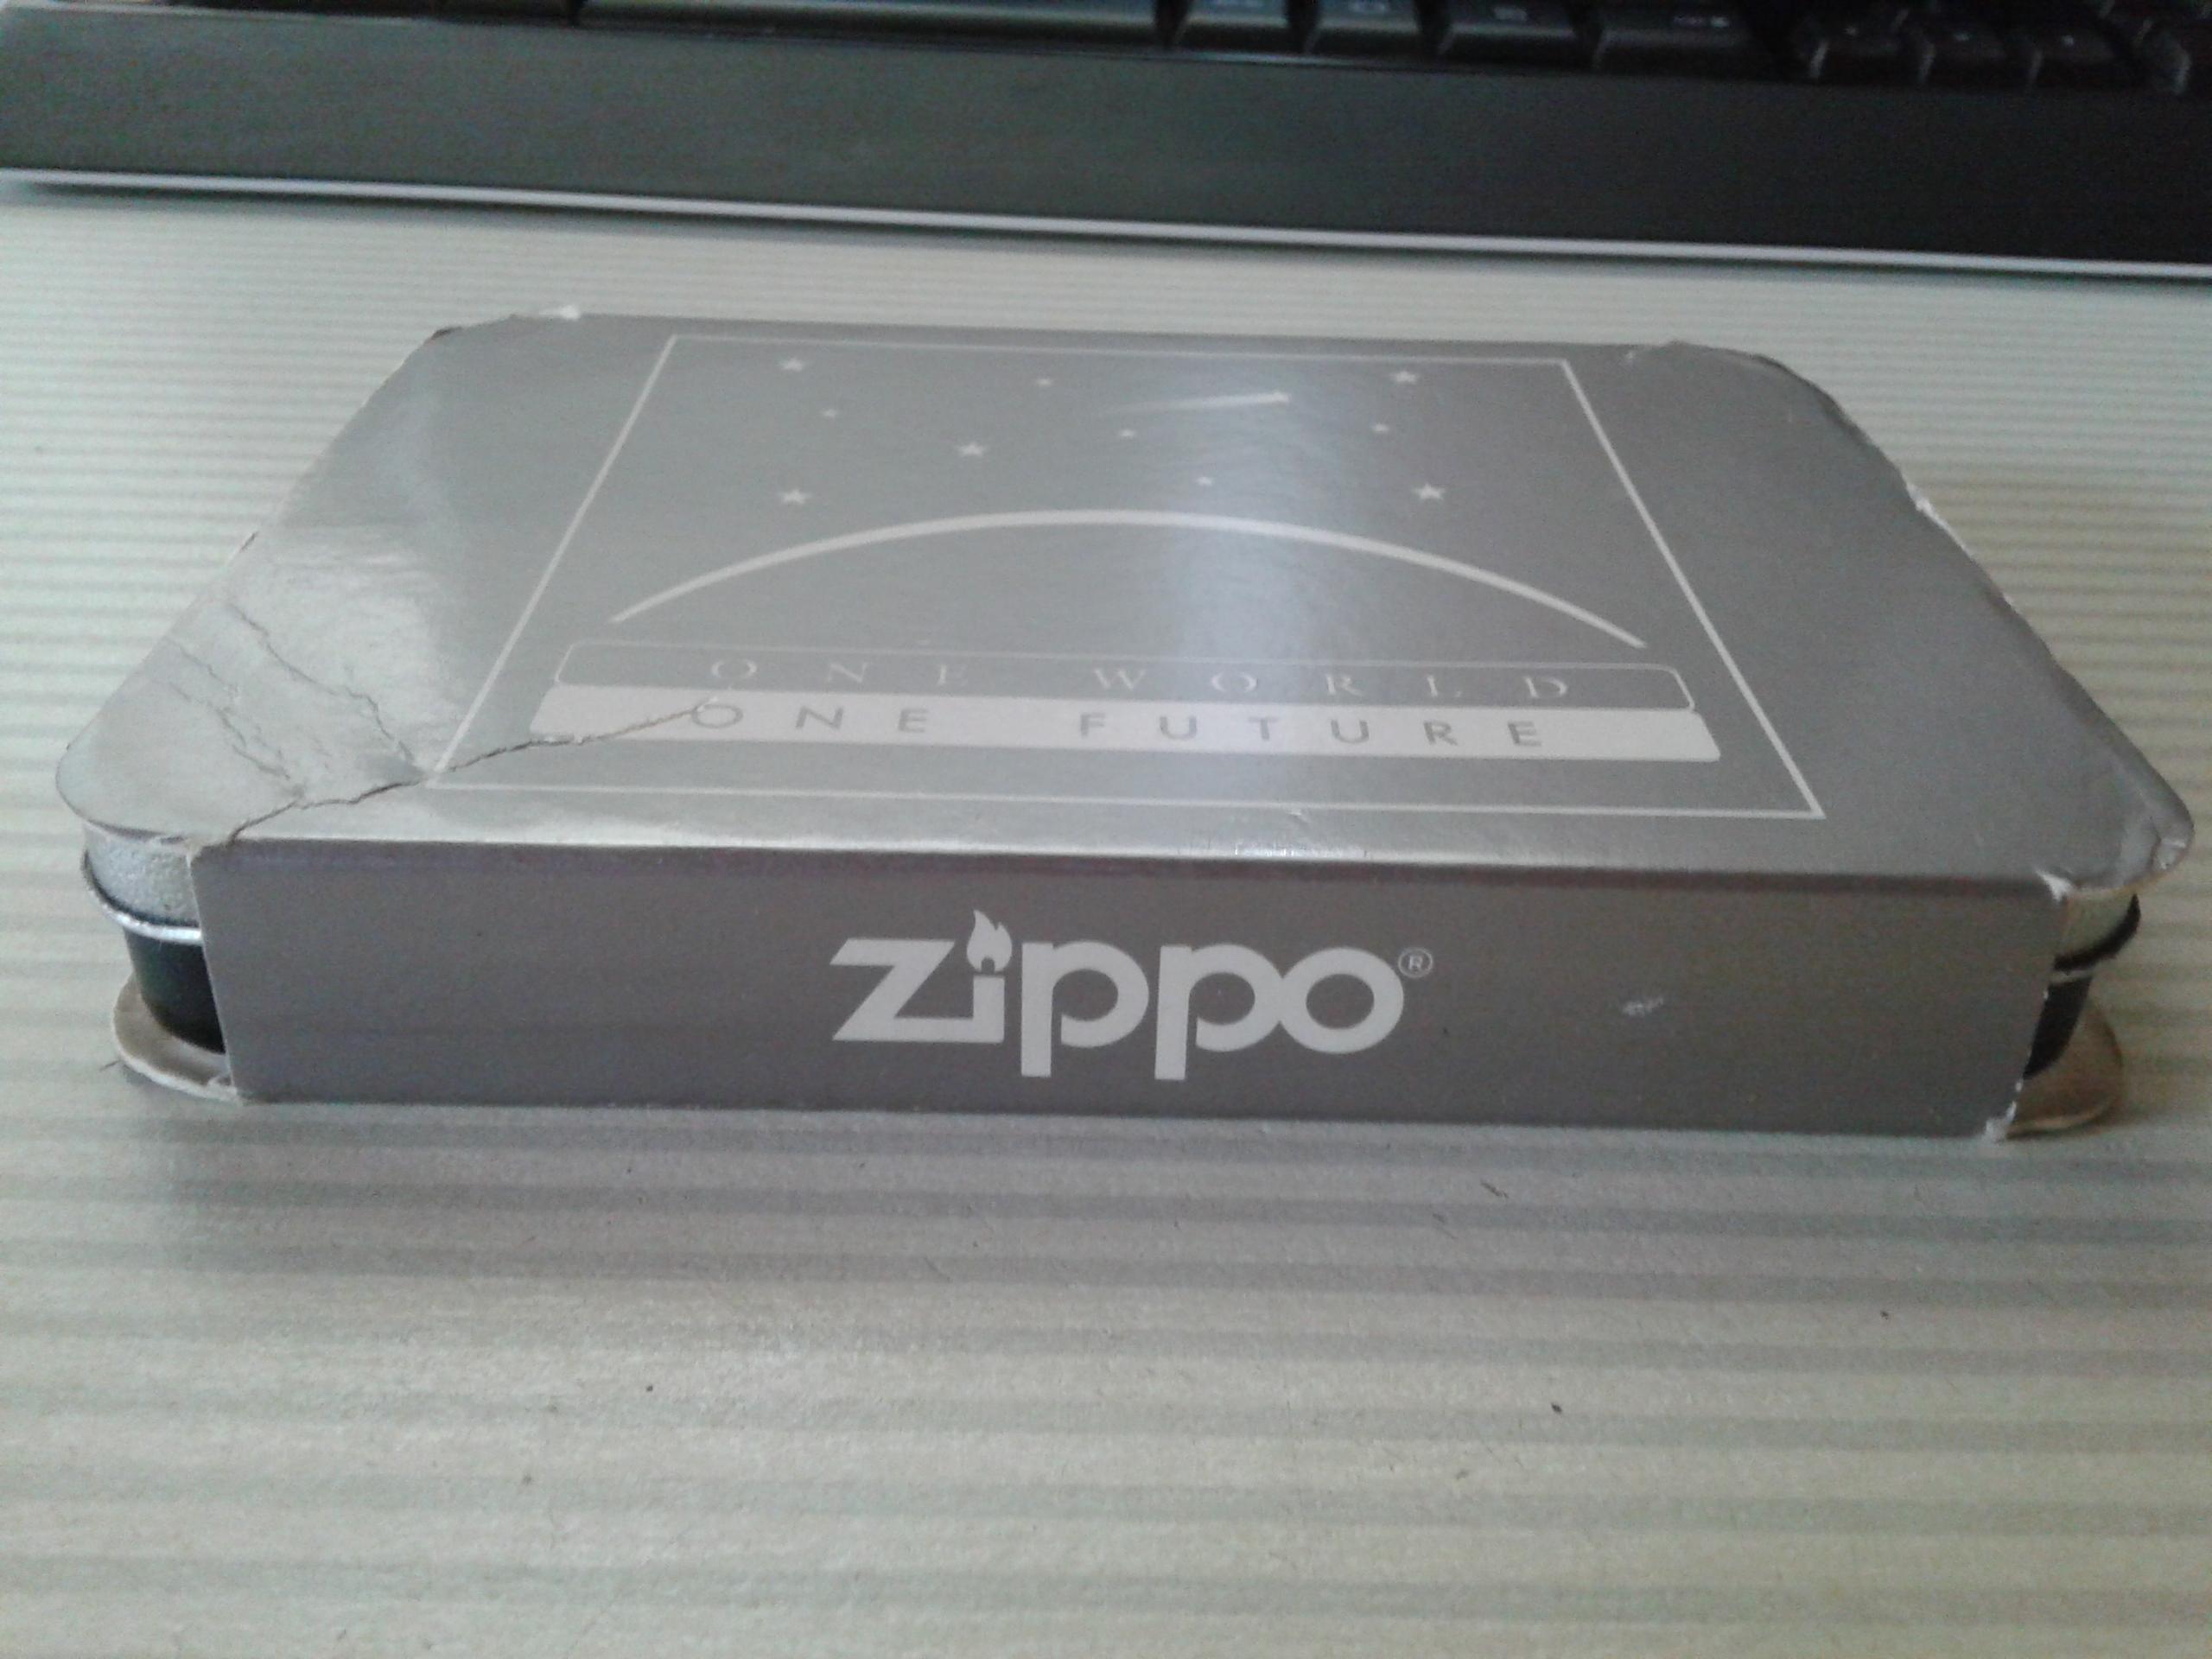 Les boites Zippo au fil du temps - Page 2 674295Titanium2